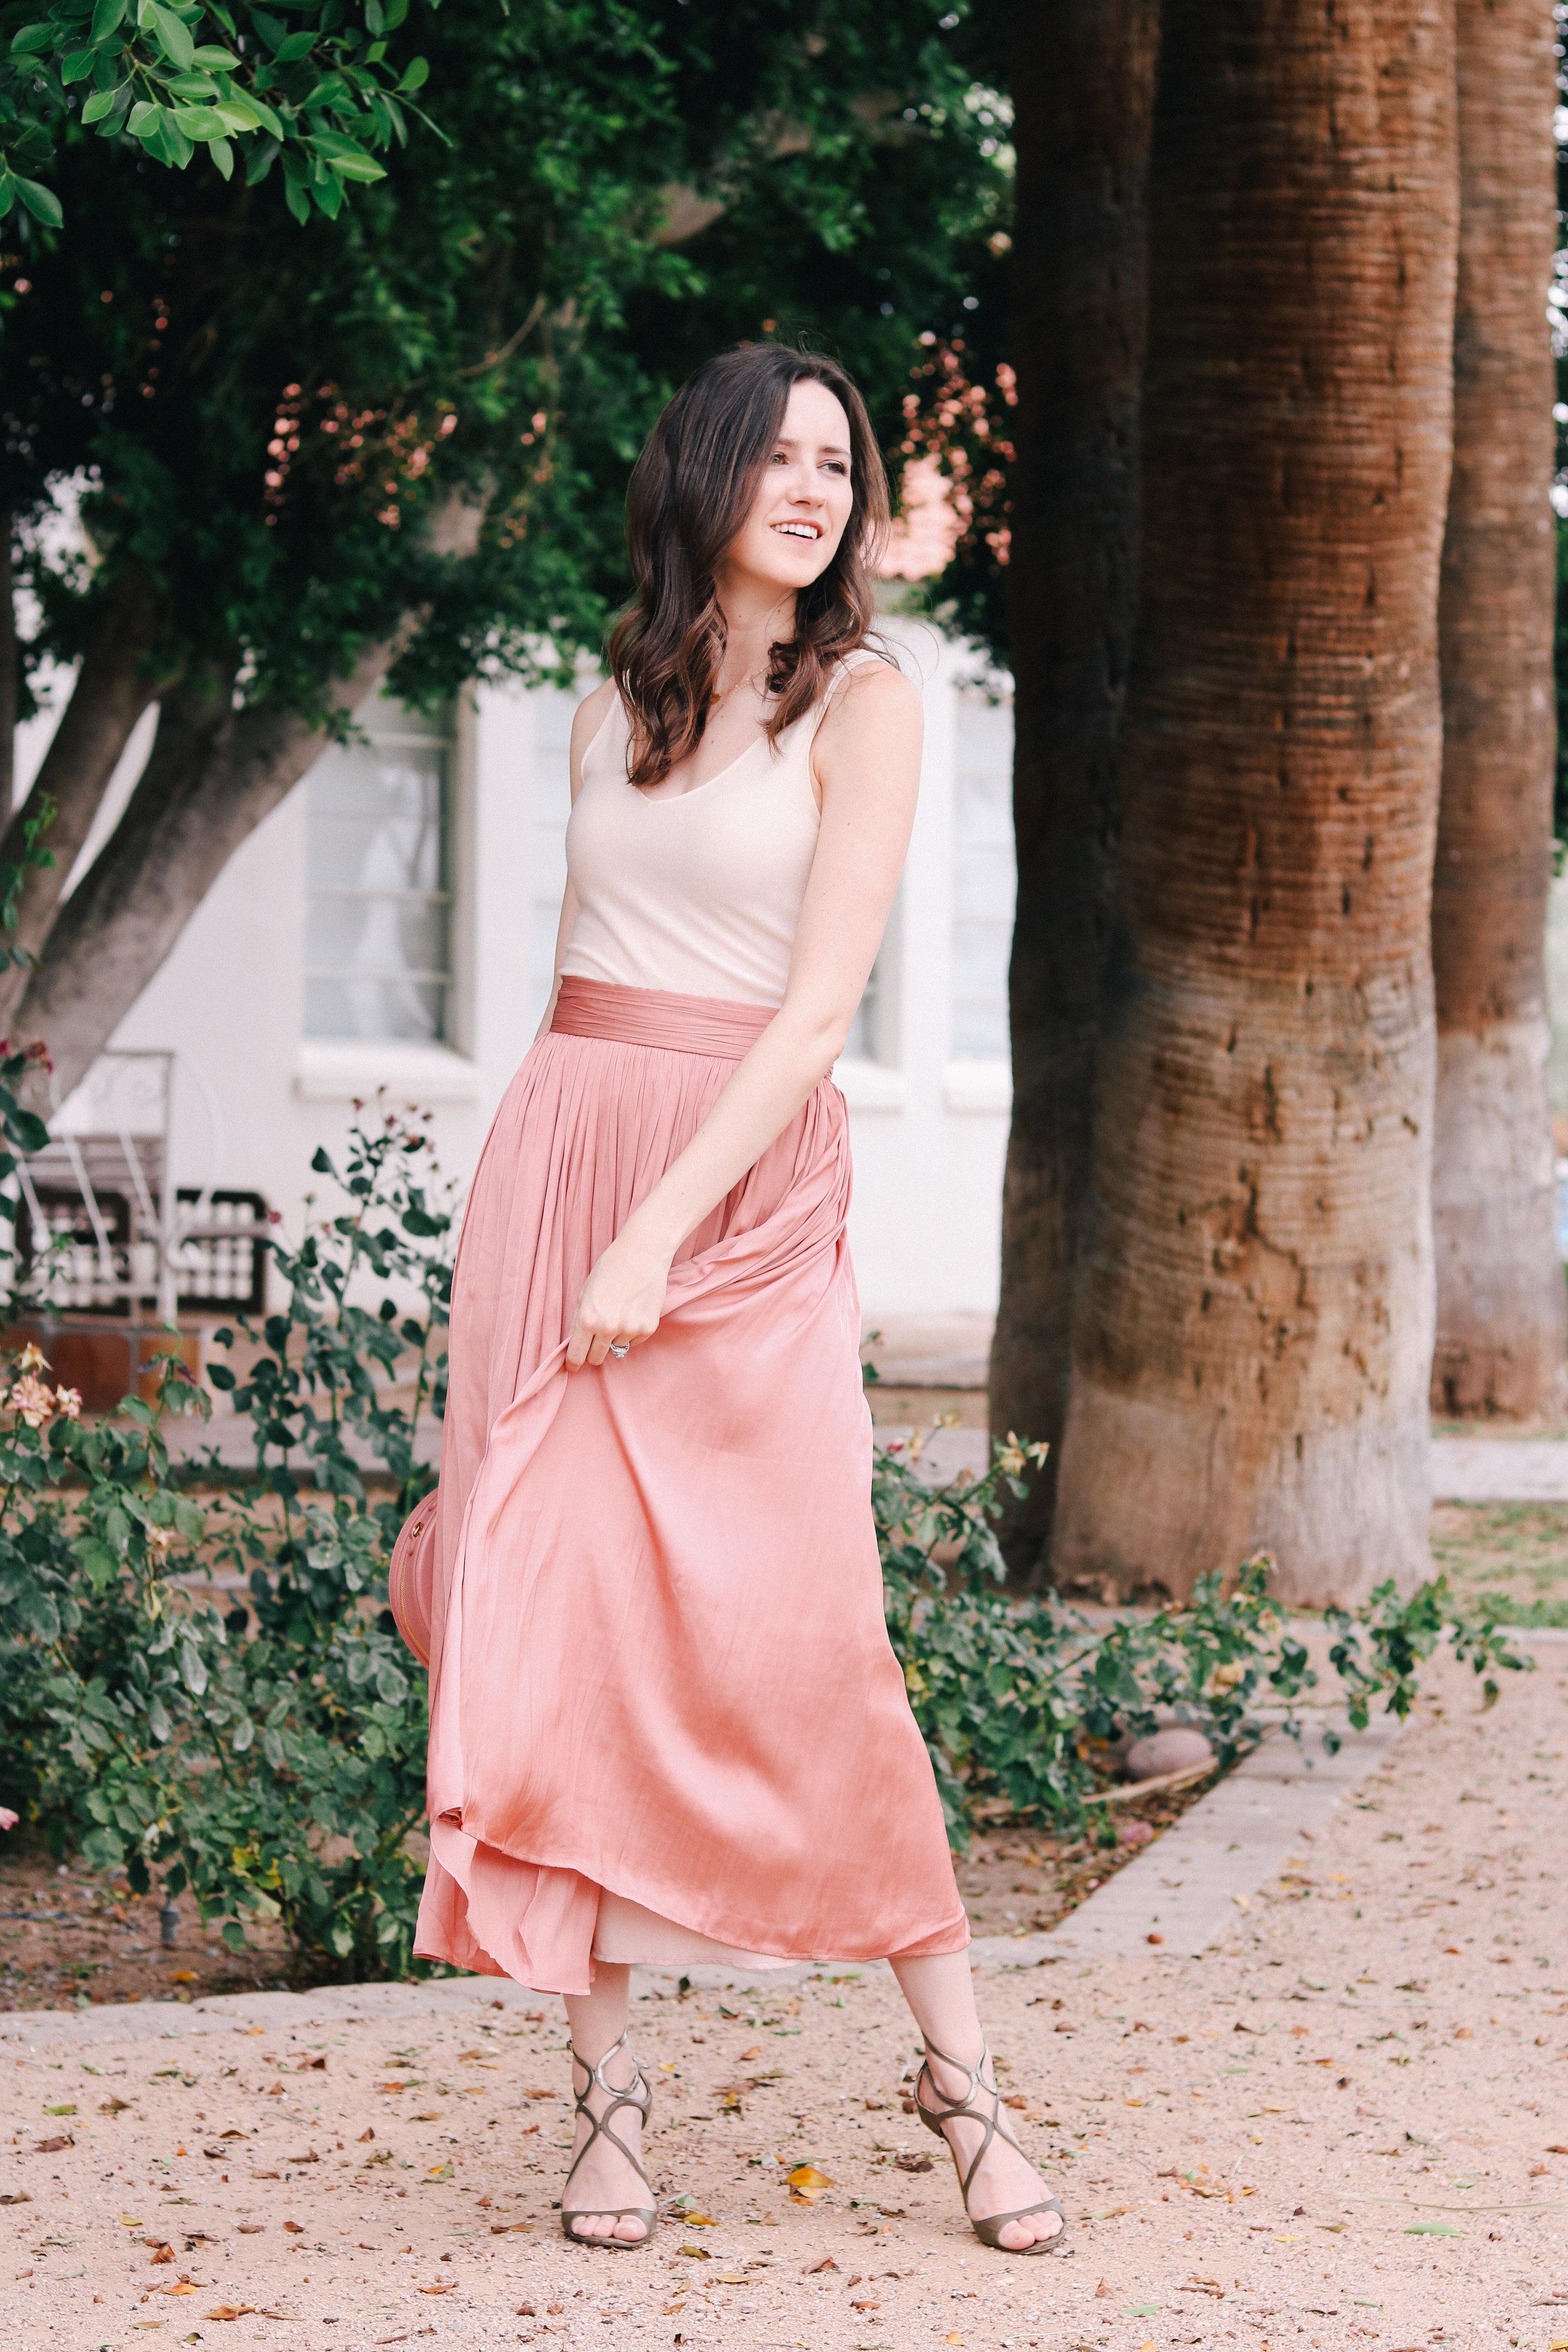 Make It Pink: Sleeping Beauty Style